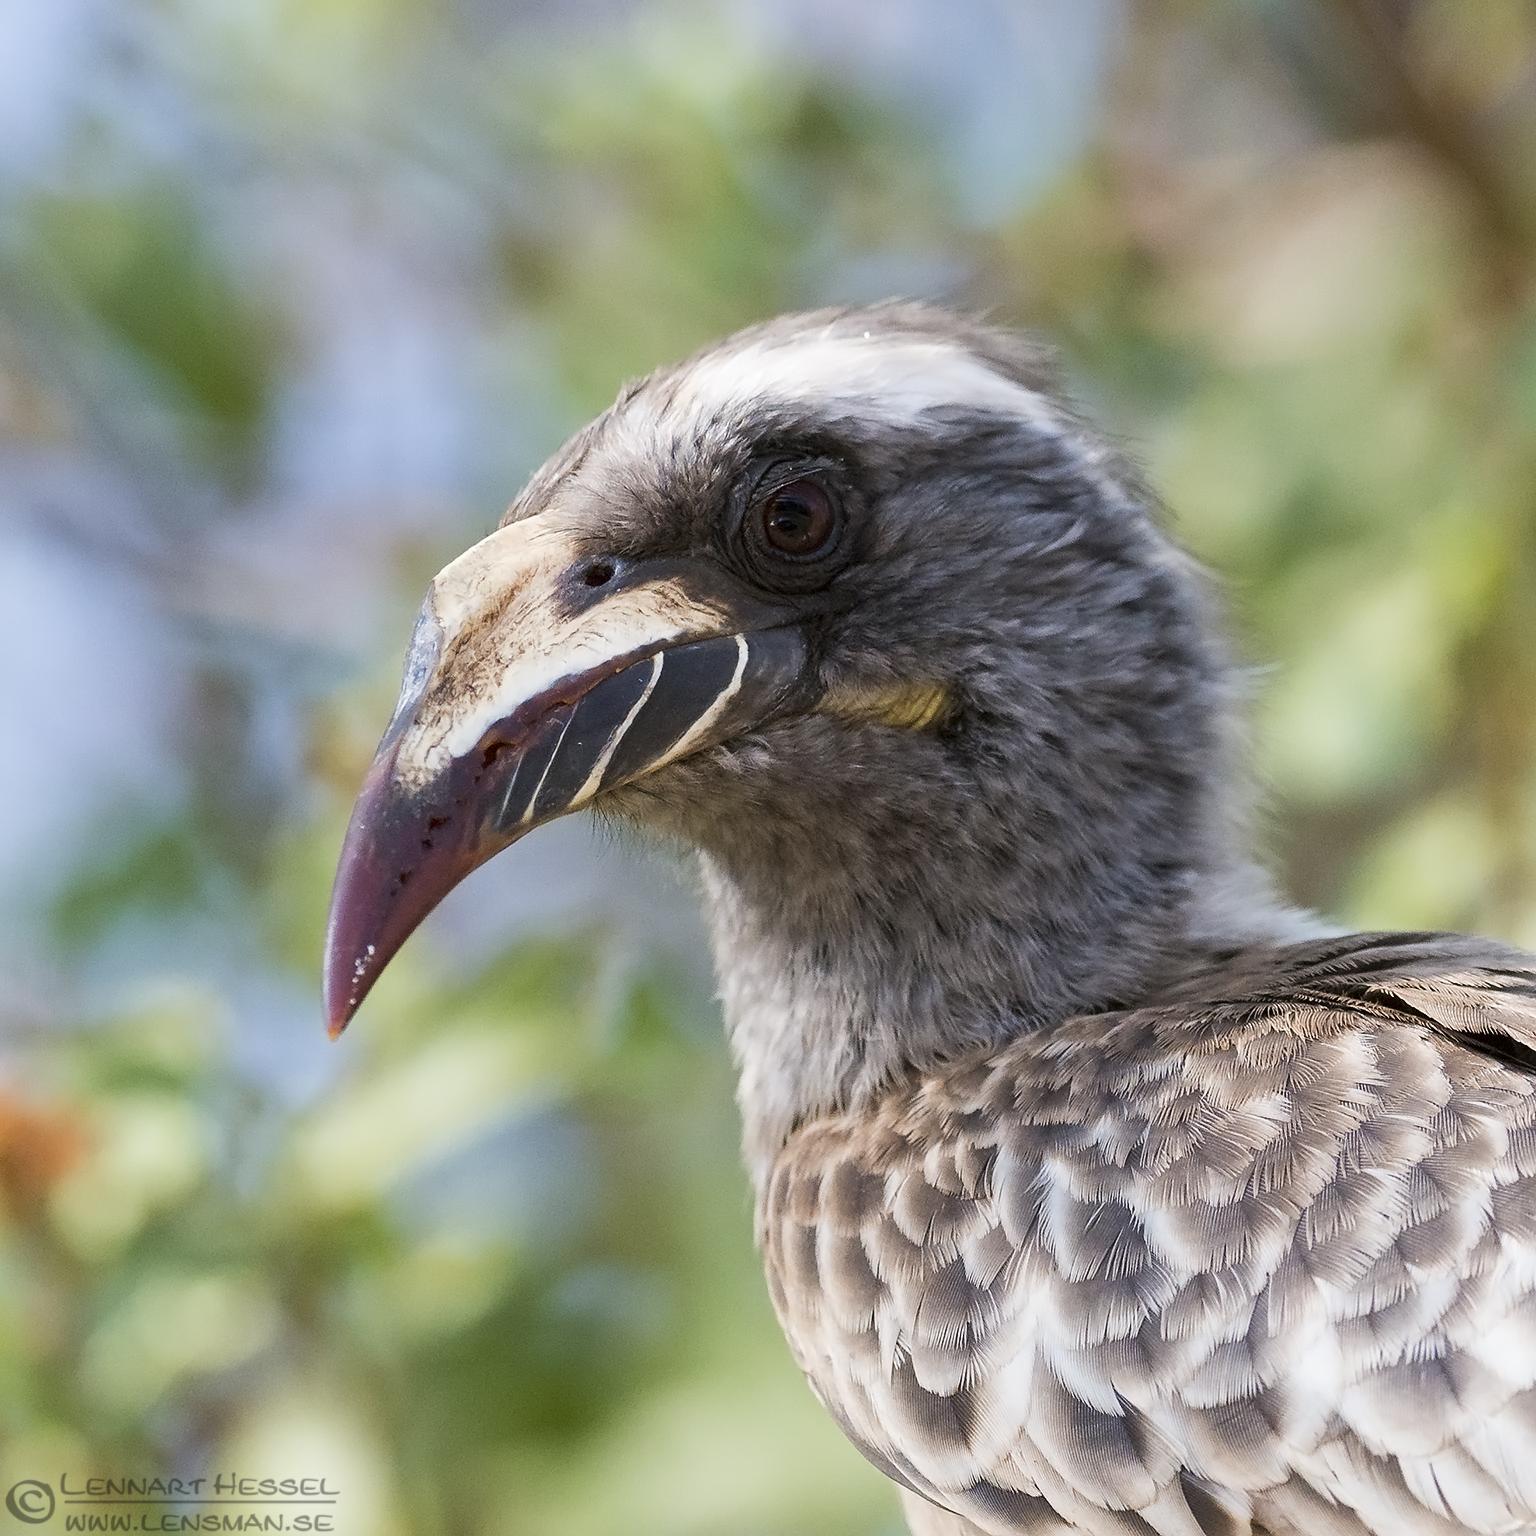 AFrican Grey Hornbill Kruger National Park South Africa